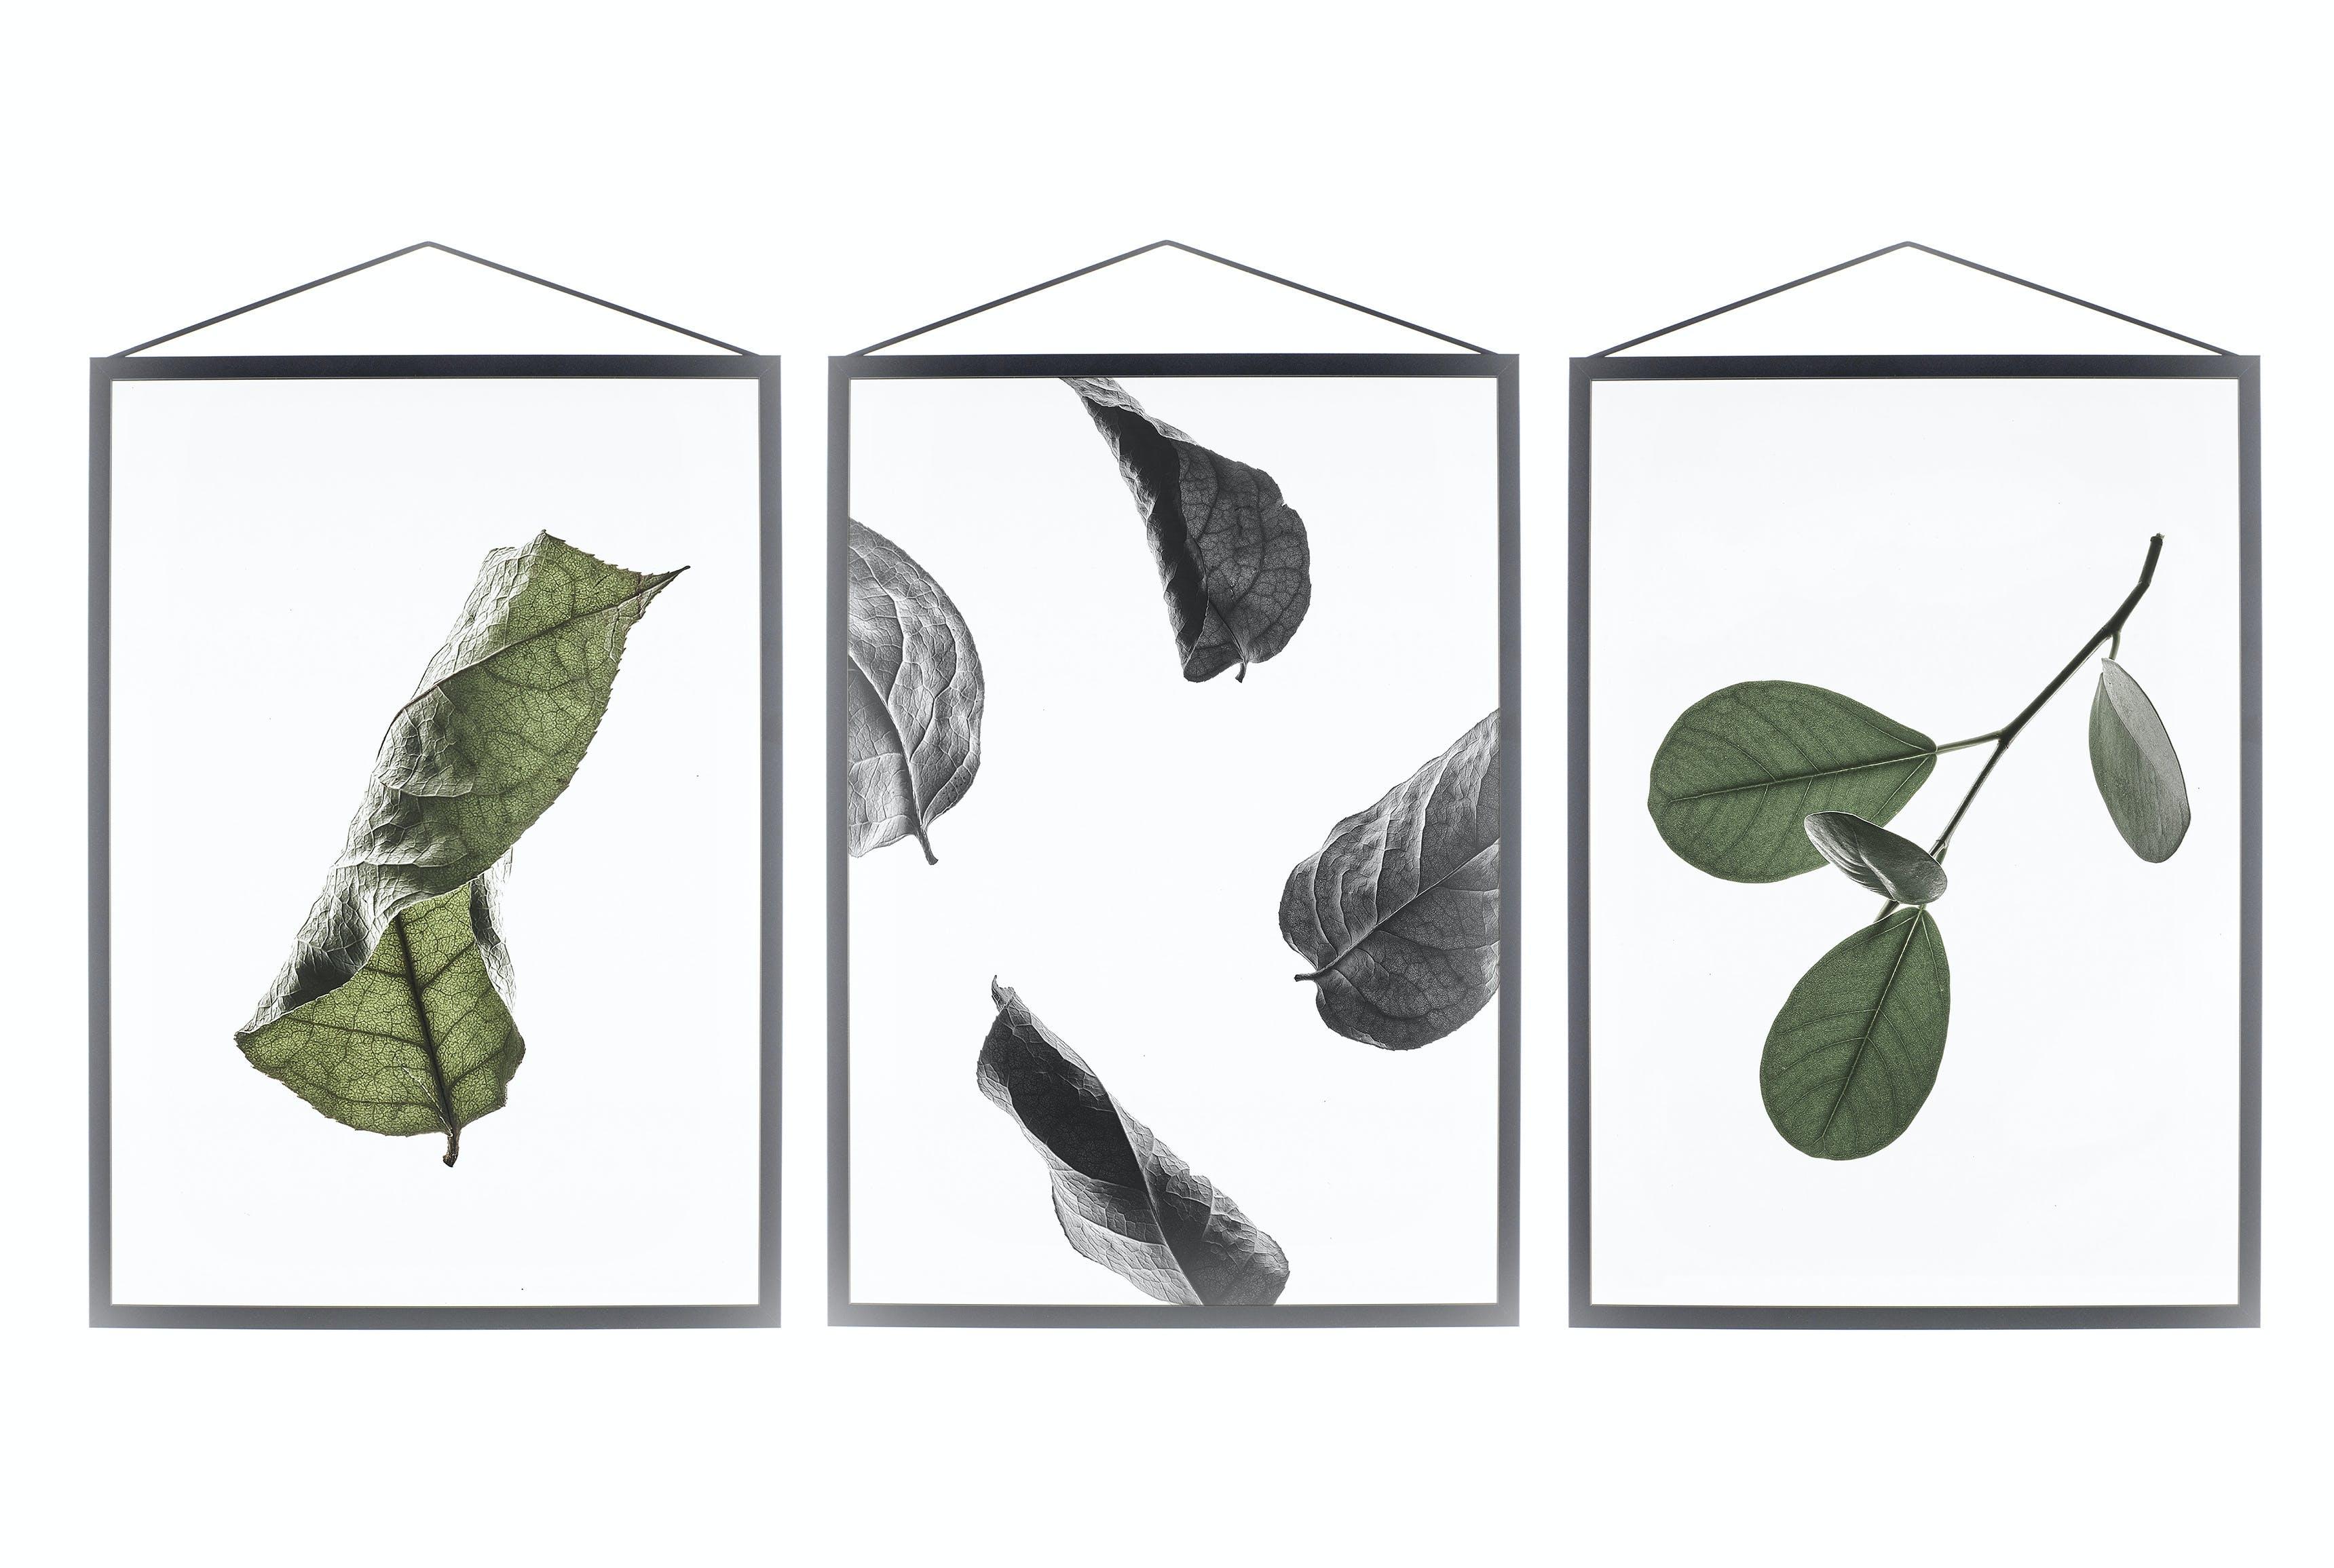 moebe blade rammer floating leaves